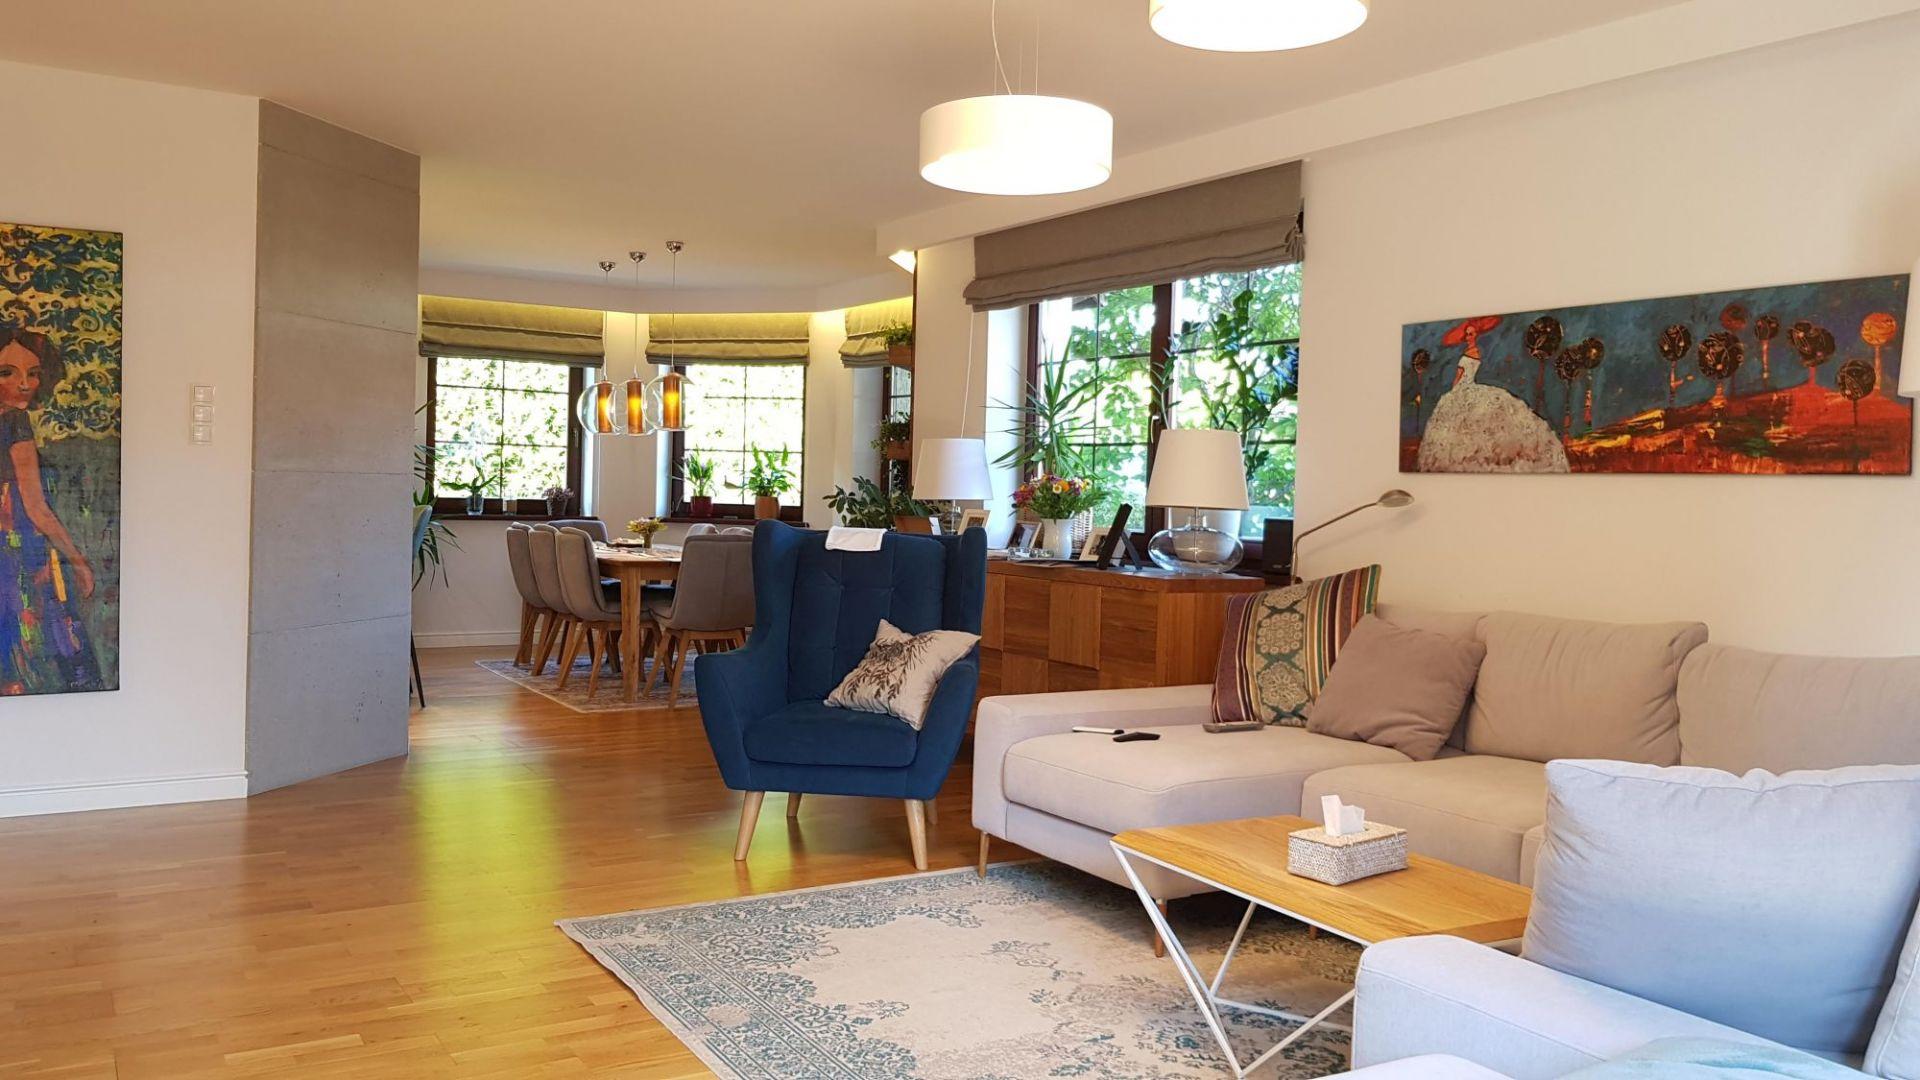 Białe ściany pomieszczenia ubogaca obraz oraz nieregularny regał. Wisienkę na torcie stanowią wzorzyste poduszki oraz dywany. Fot. Studio BB Architekci